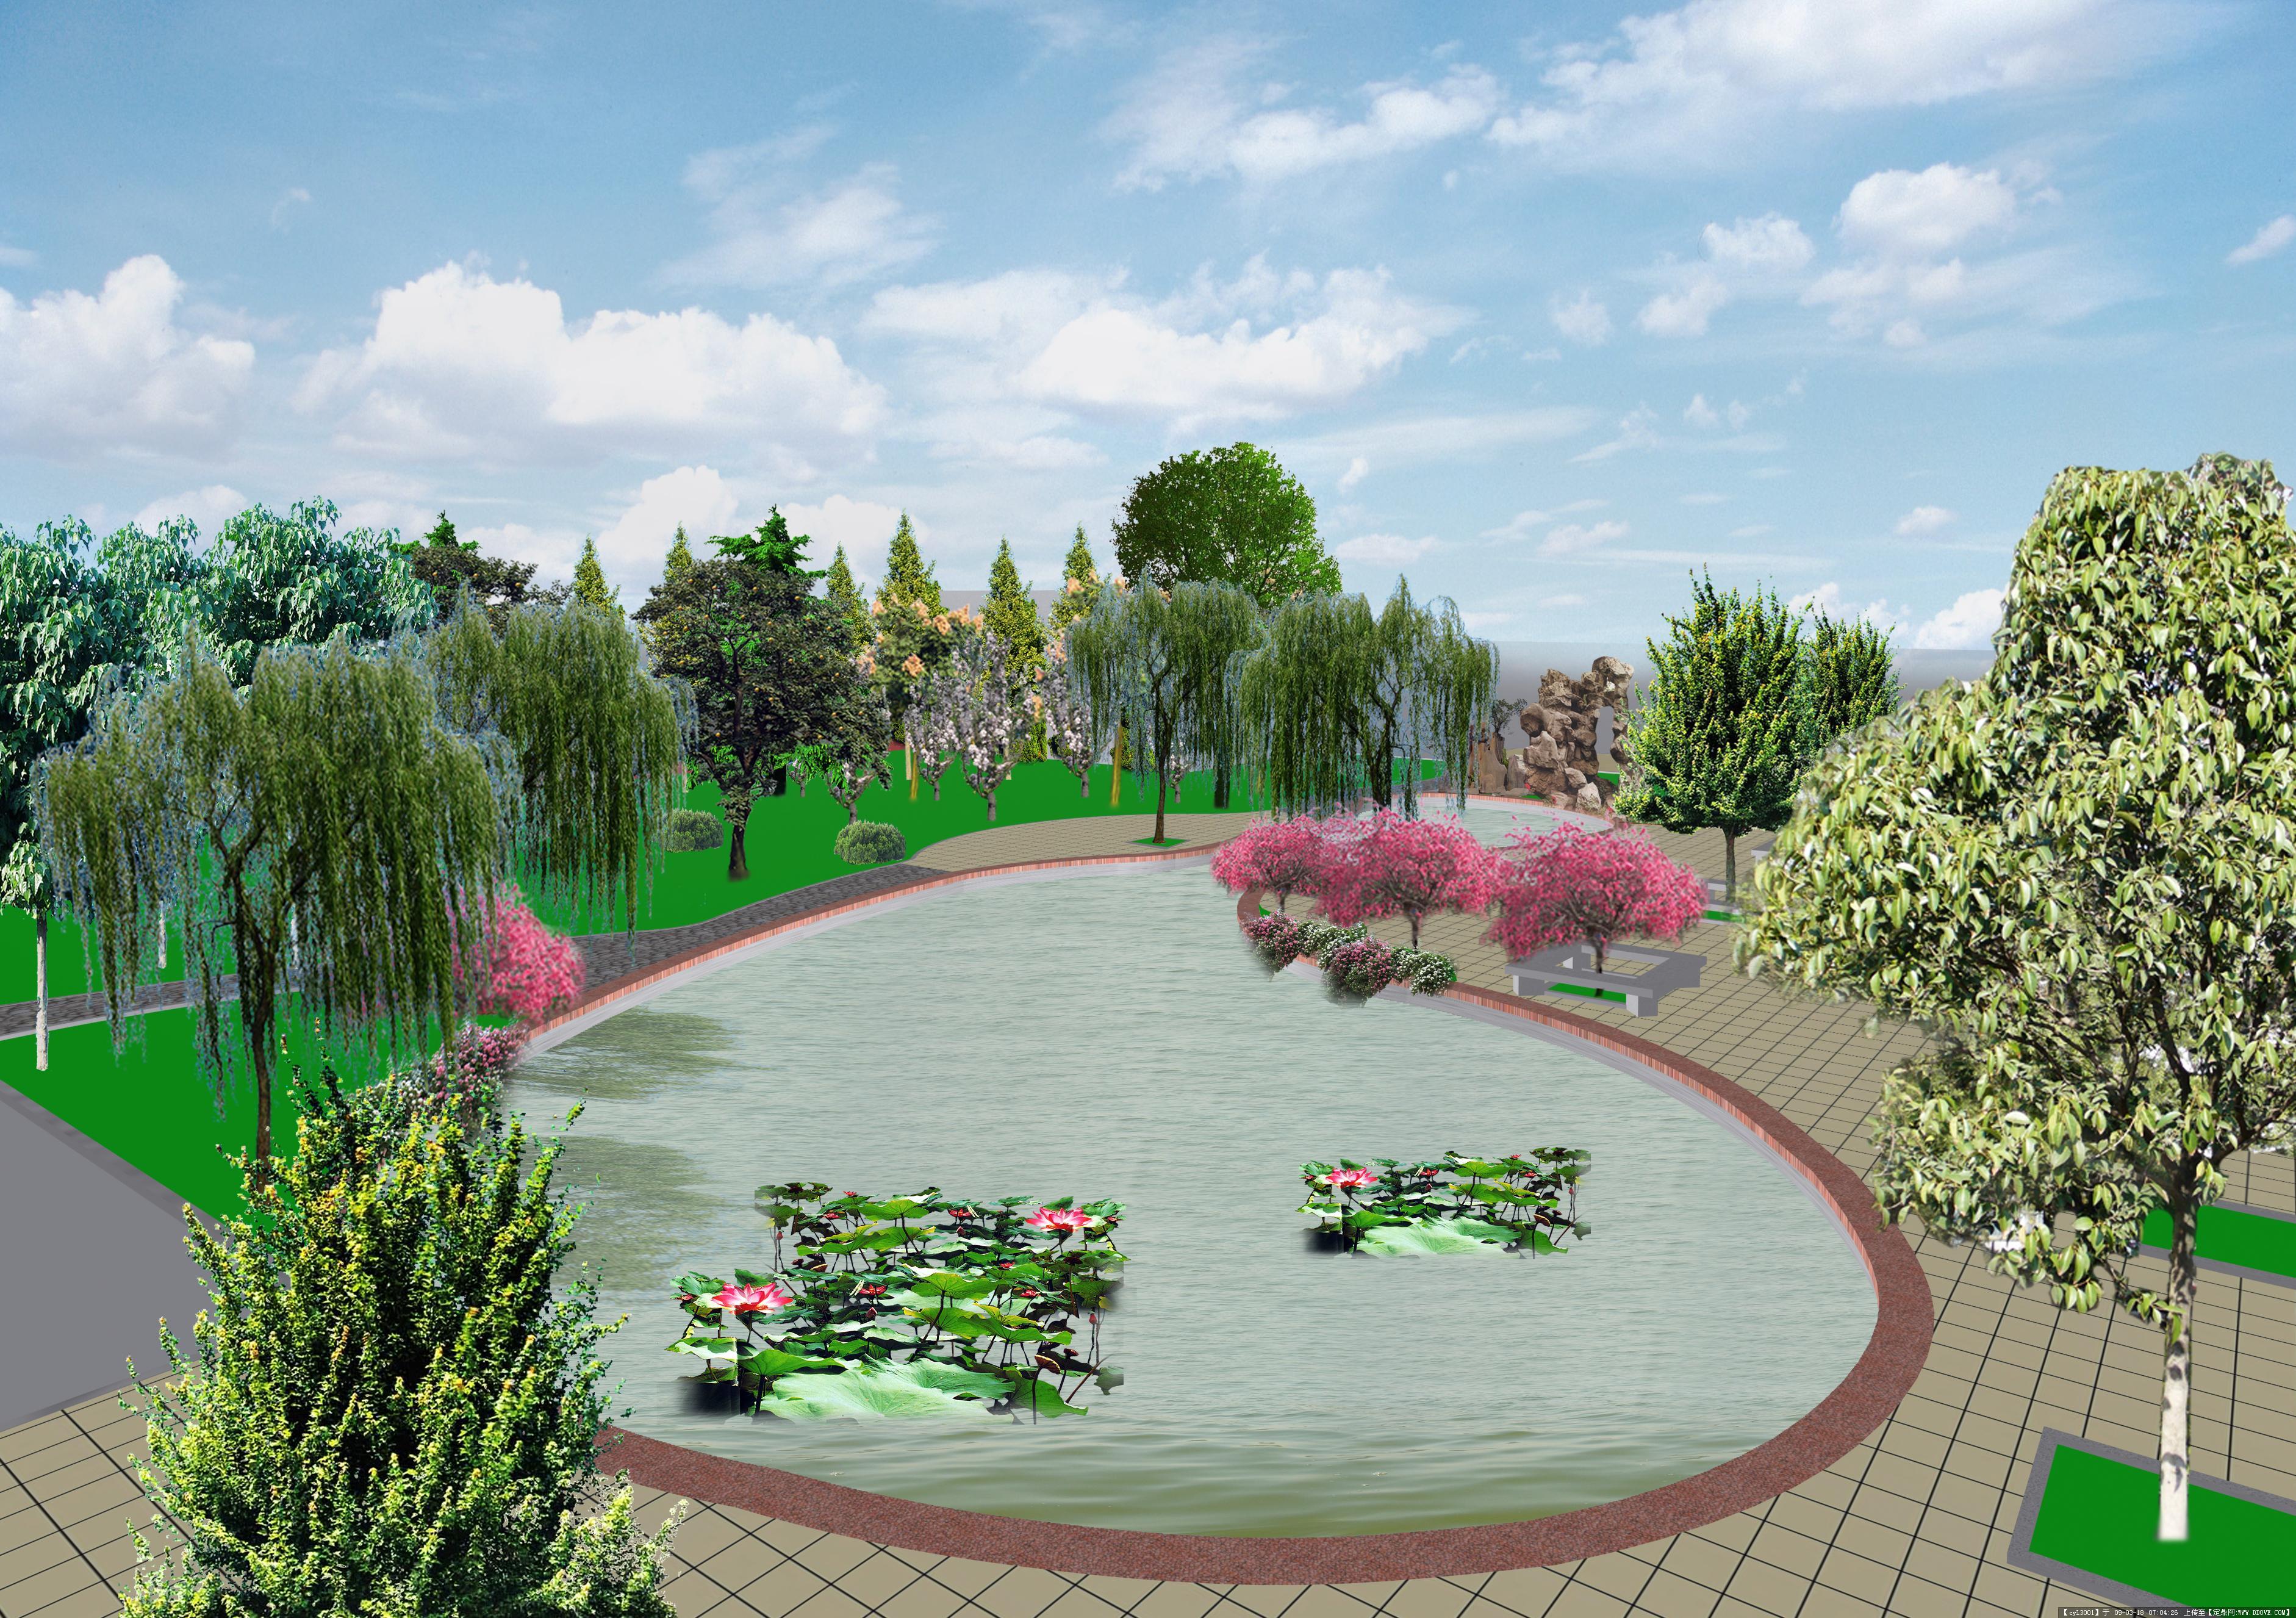 某公园景观效果图(原创)的图片浏览,园林效 果图,公园